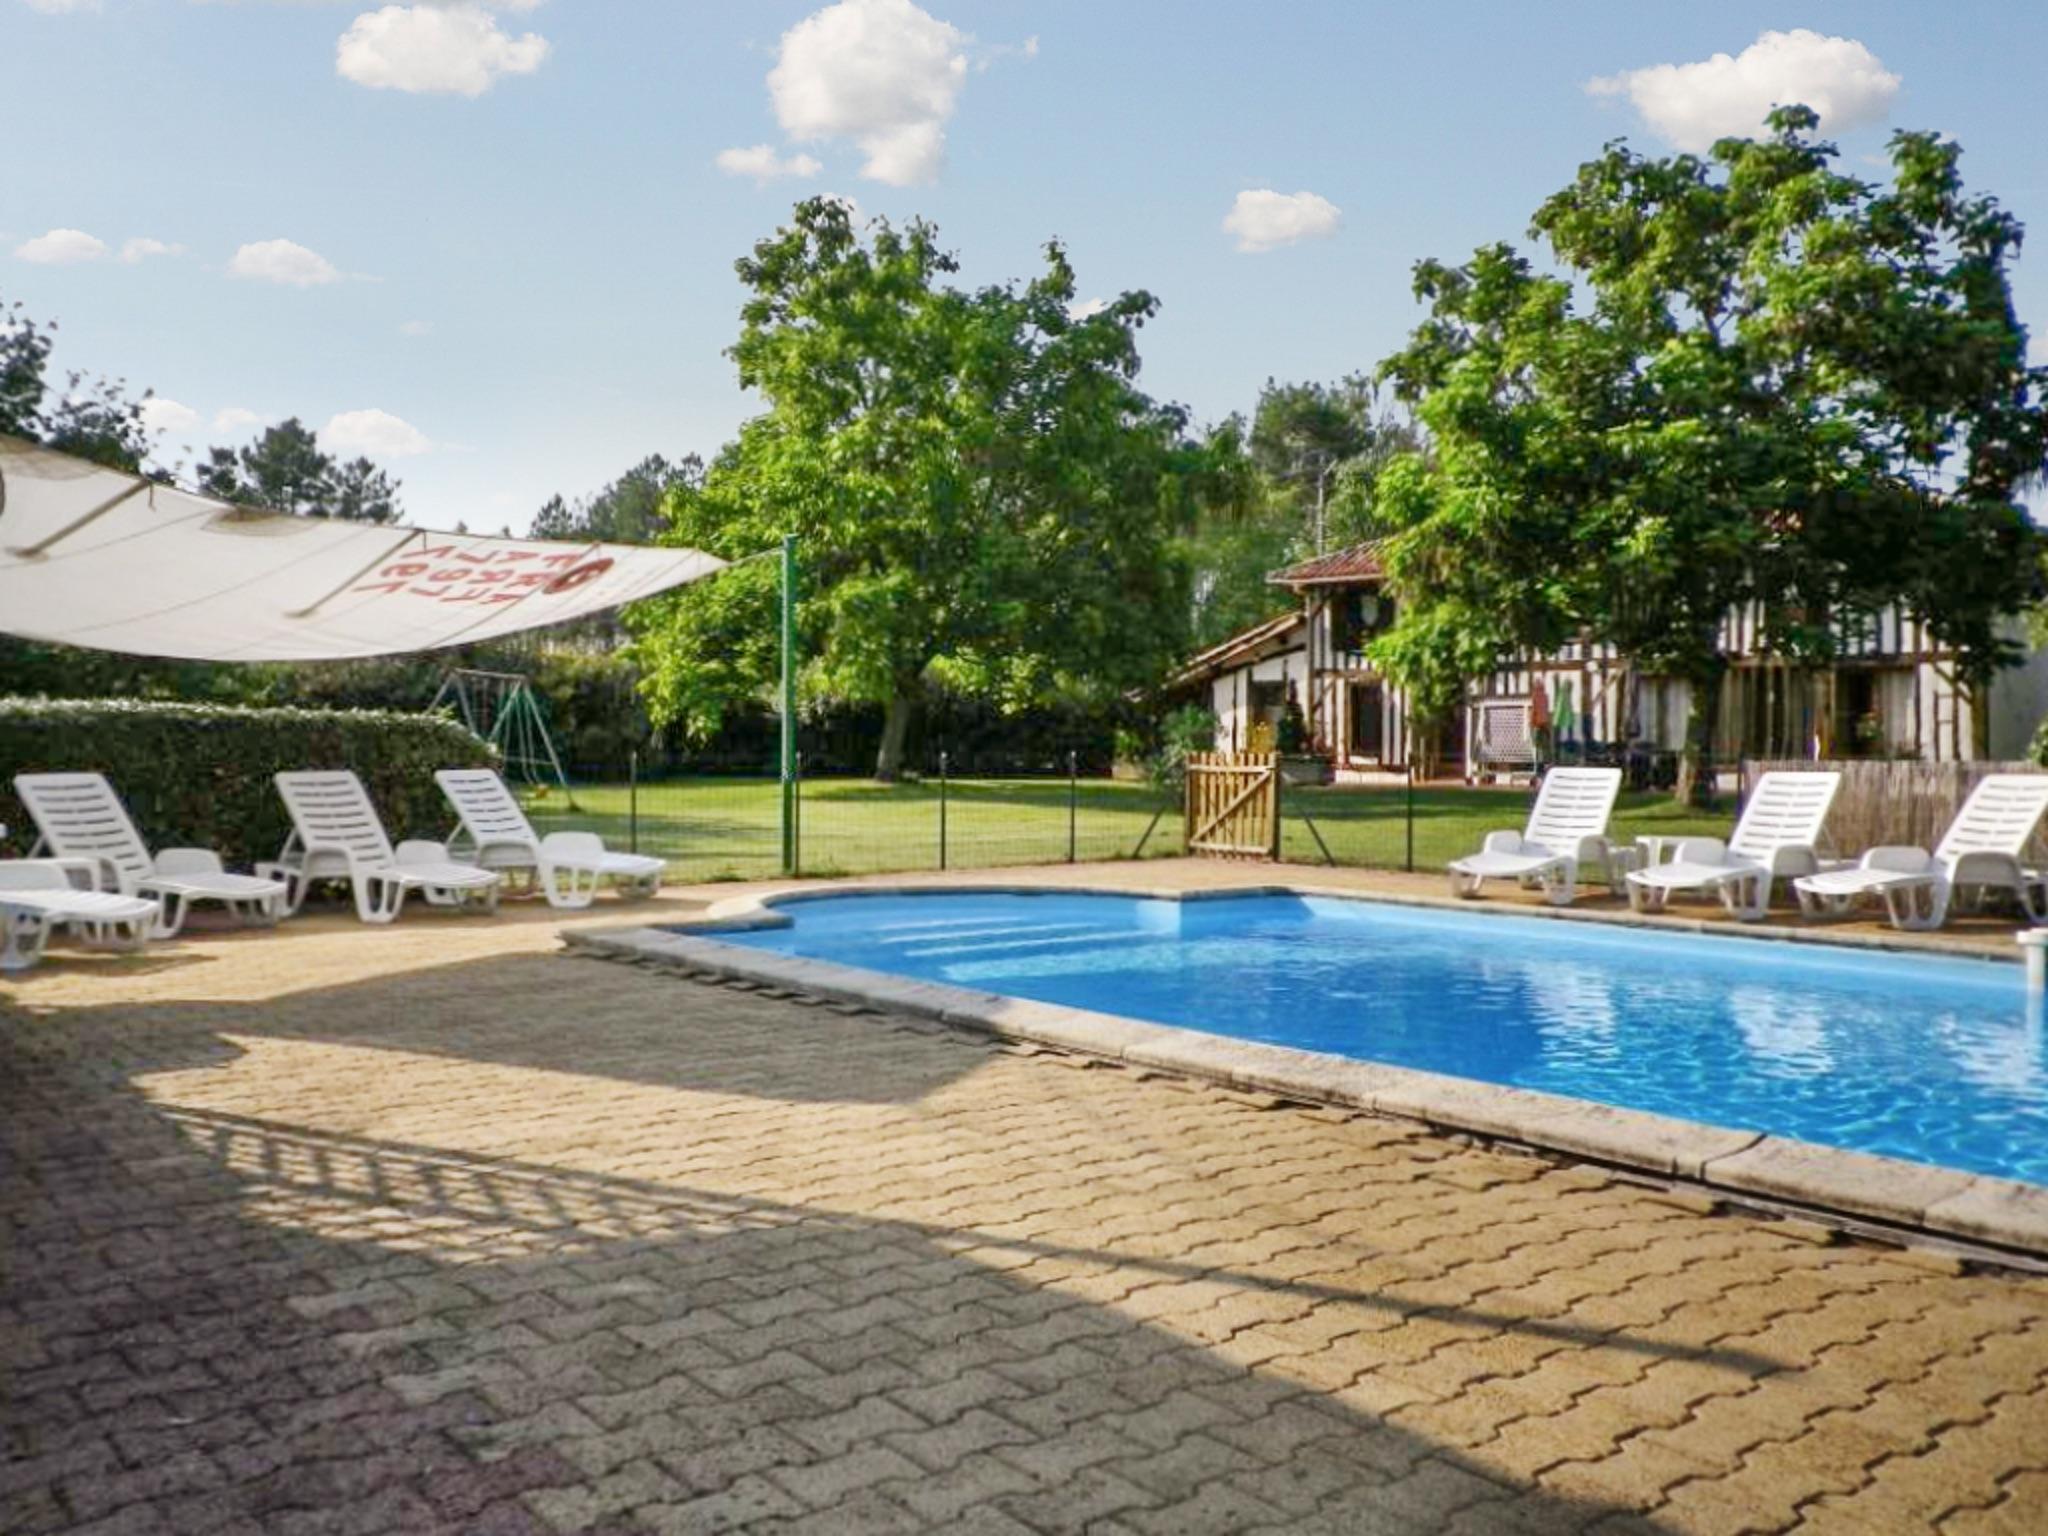 Ferienhaus Villa mit 4 Zimmern in Trensacq mit privatem Pool und möbliertem Garten - 45 km vom Strand (2202366), Trensacq, Landes, Aquitanien, Frankreich, Bild 5